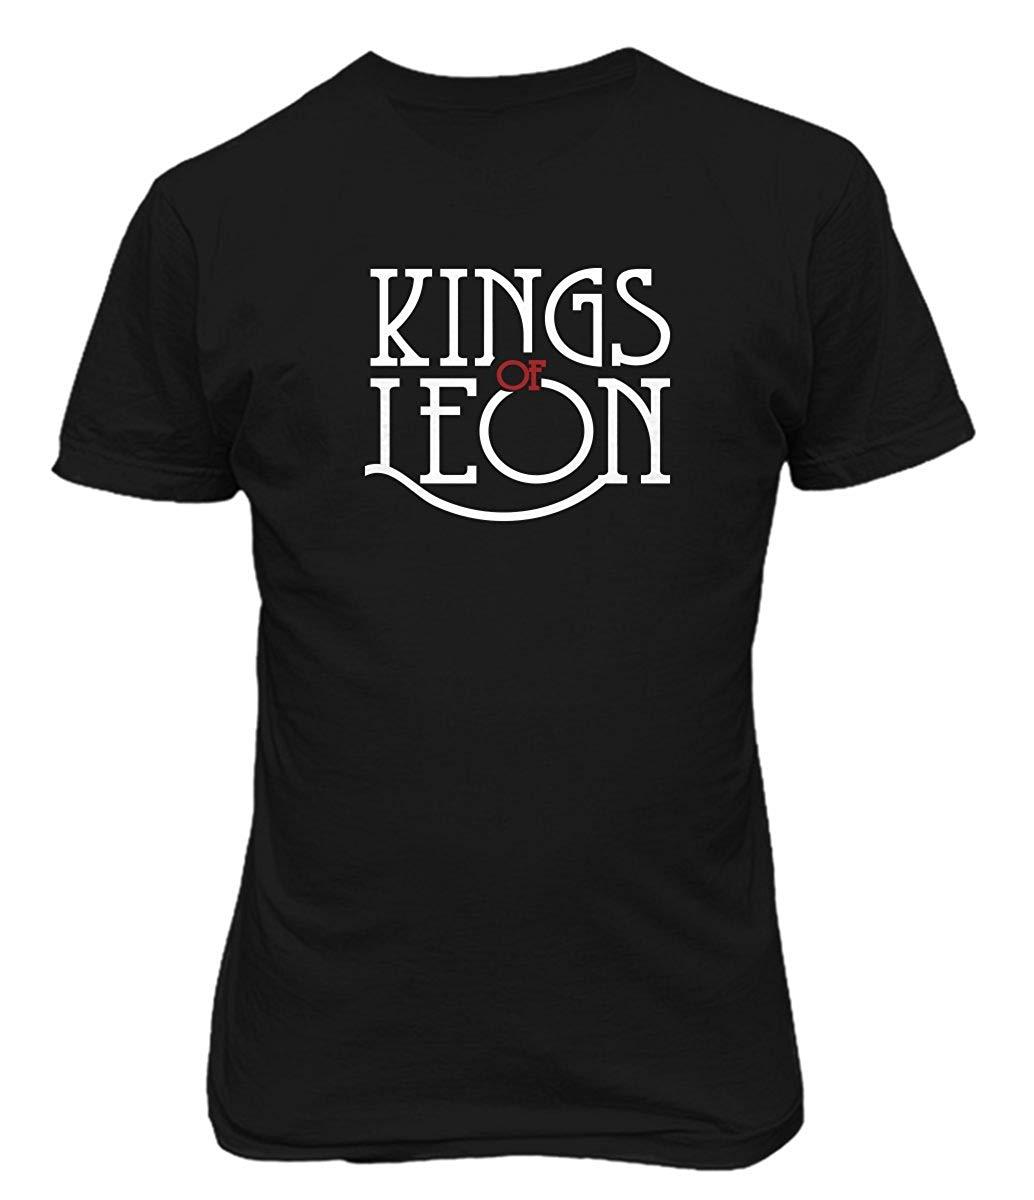 Kings of Leon рок группа футболка музыка 109 мужские футболки 2019 Мода